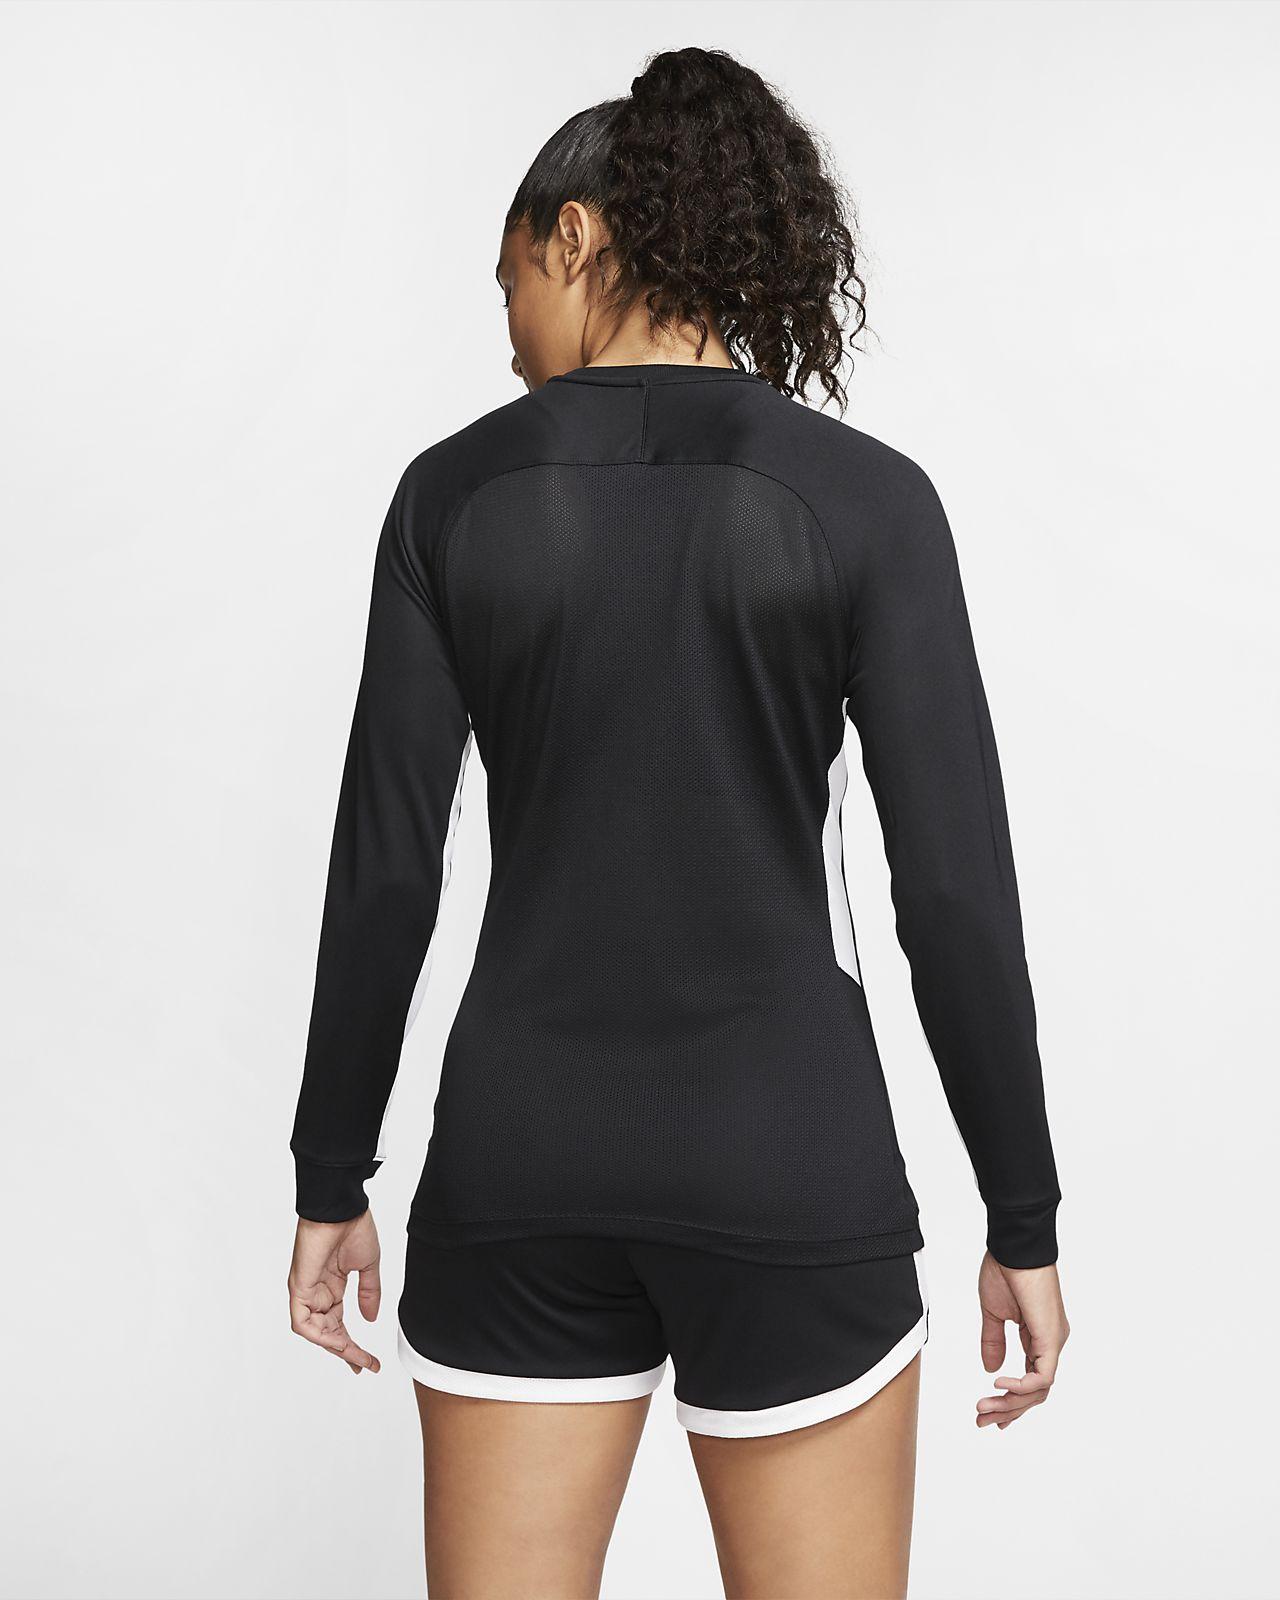 Nike Women's Tiempo Premier Long Sleeve Jersey